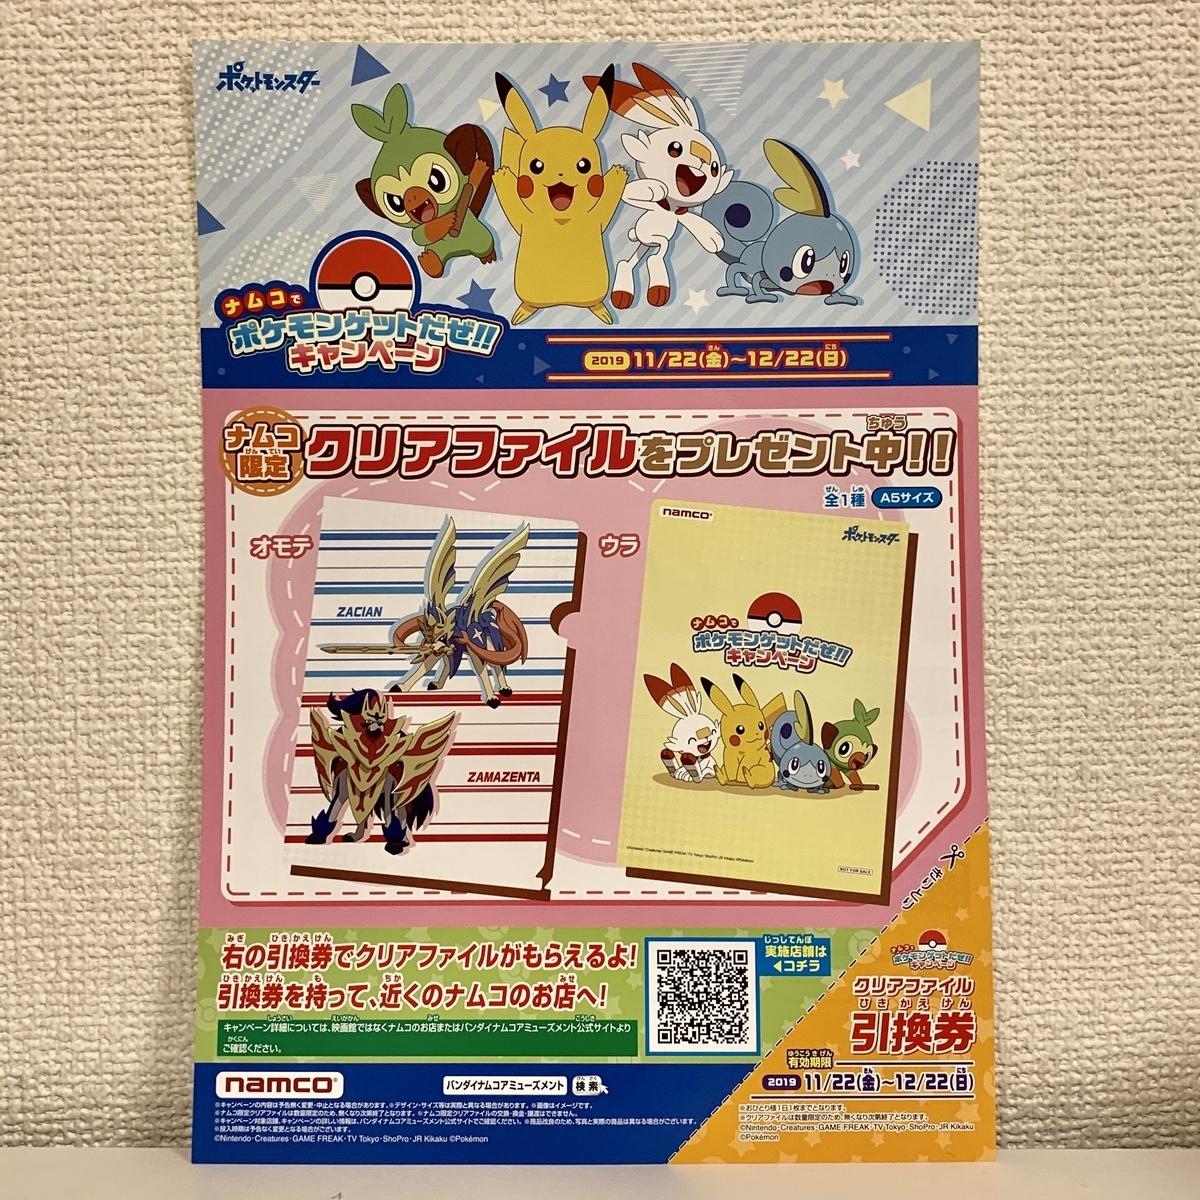 f:id:pikachu_pcn:20191123194726j:plain